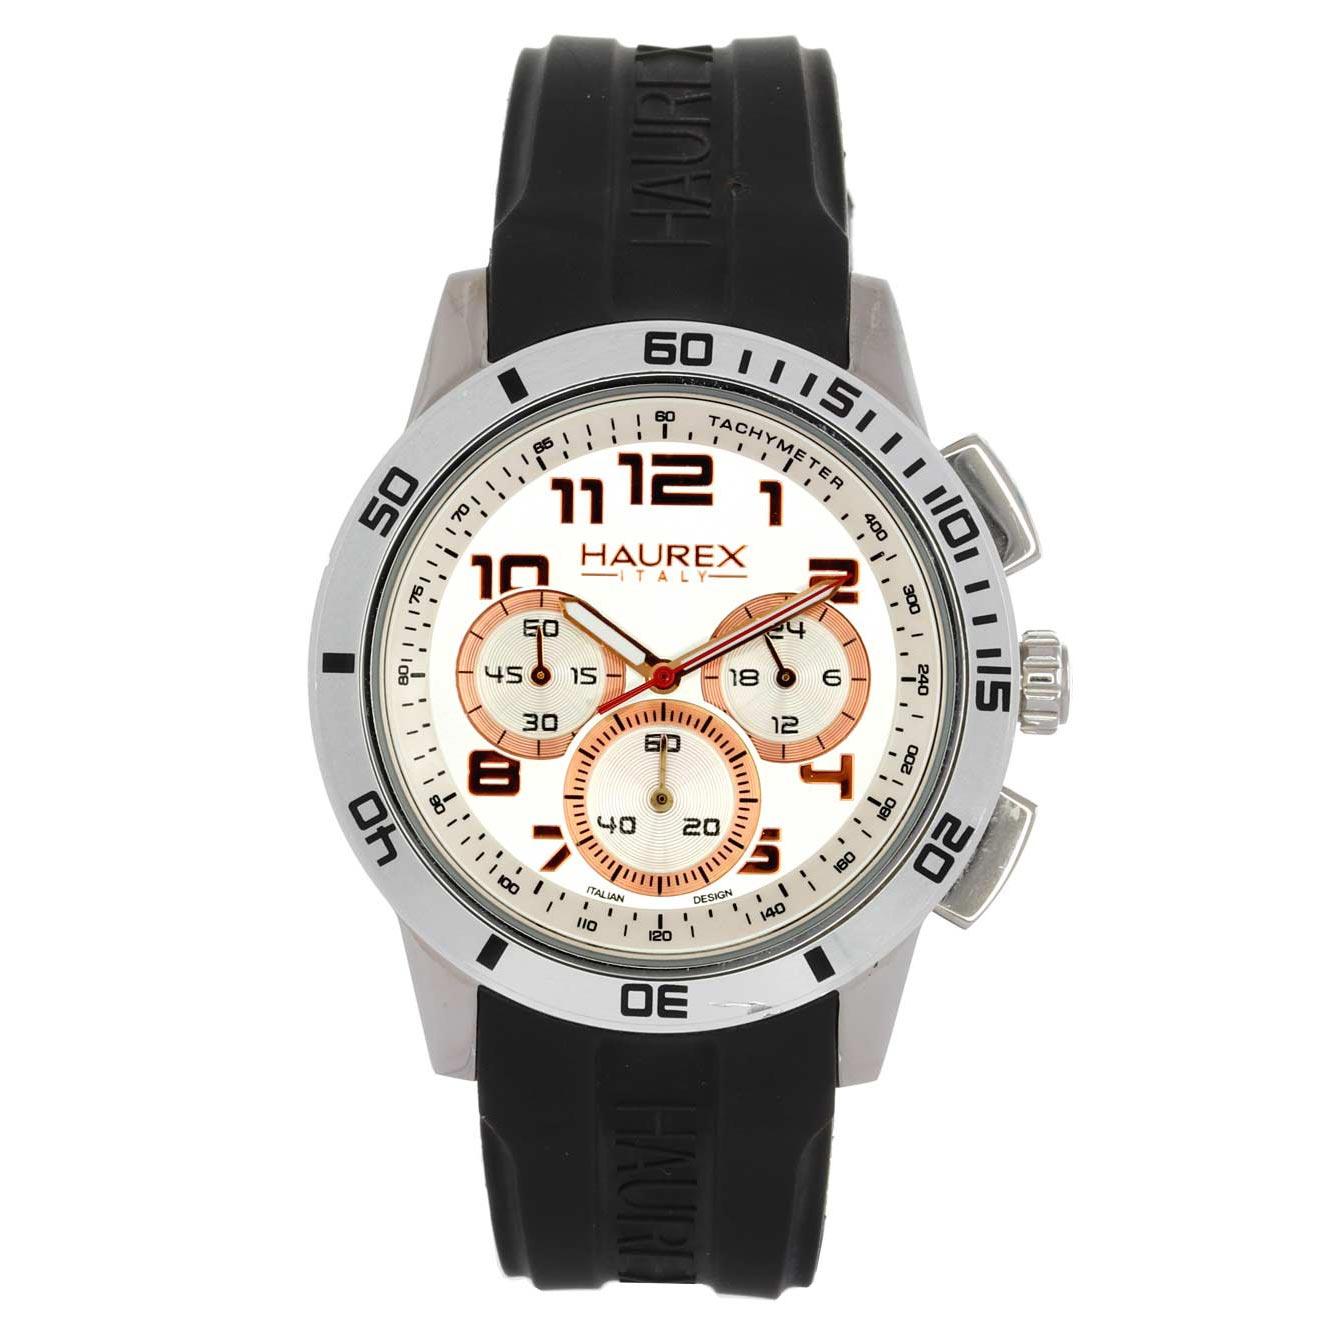 ساعت مچی عقربه ای مردانه هورکس مدل ZQHX-3A355USH 23